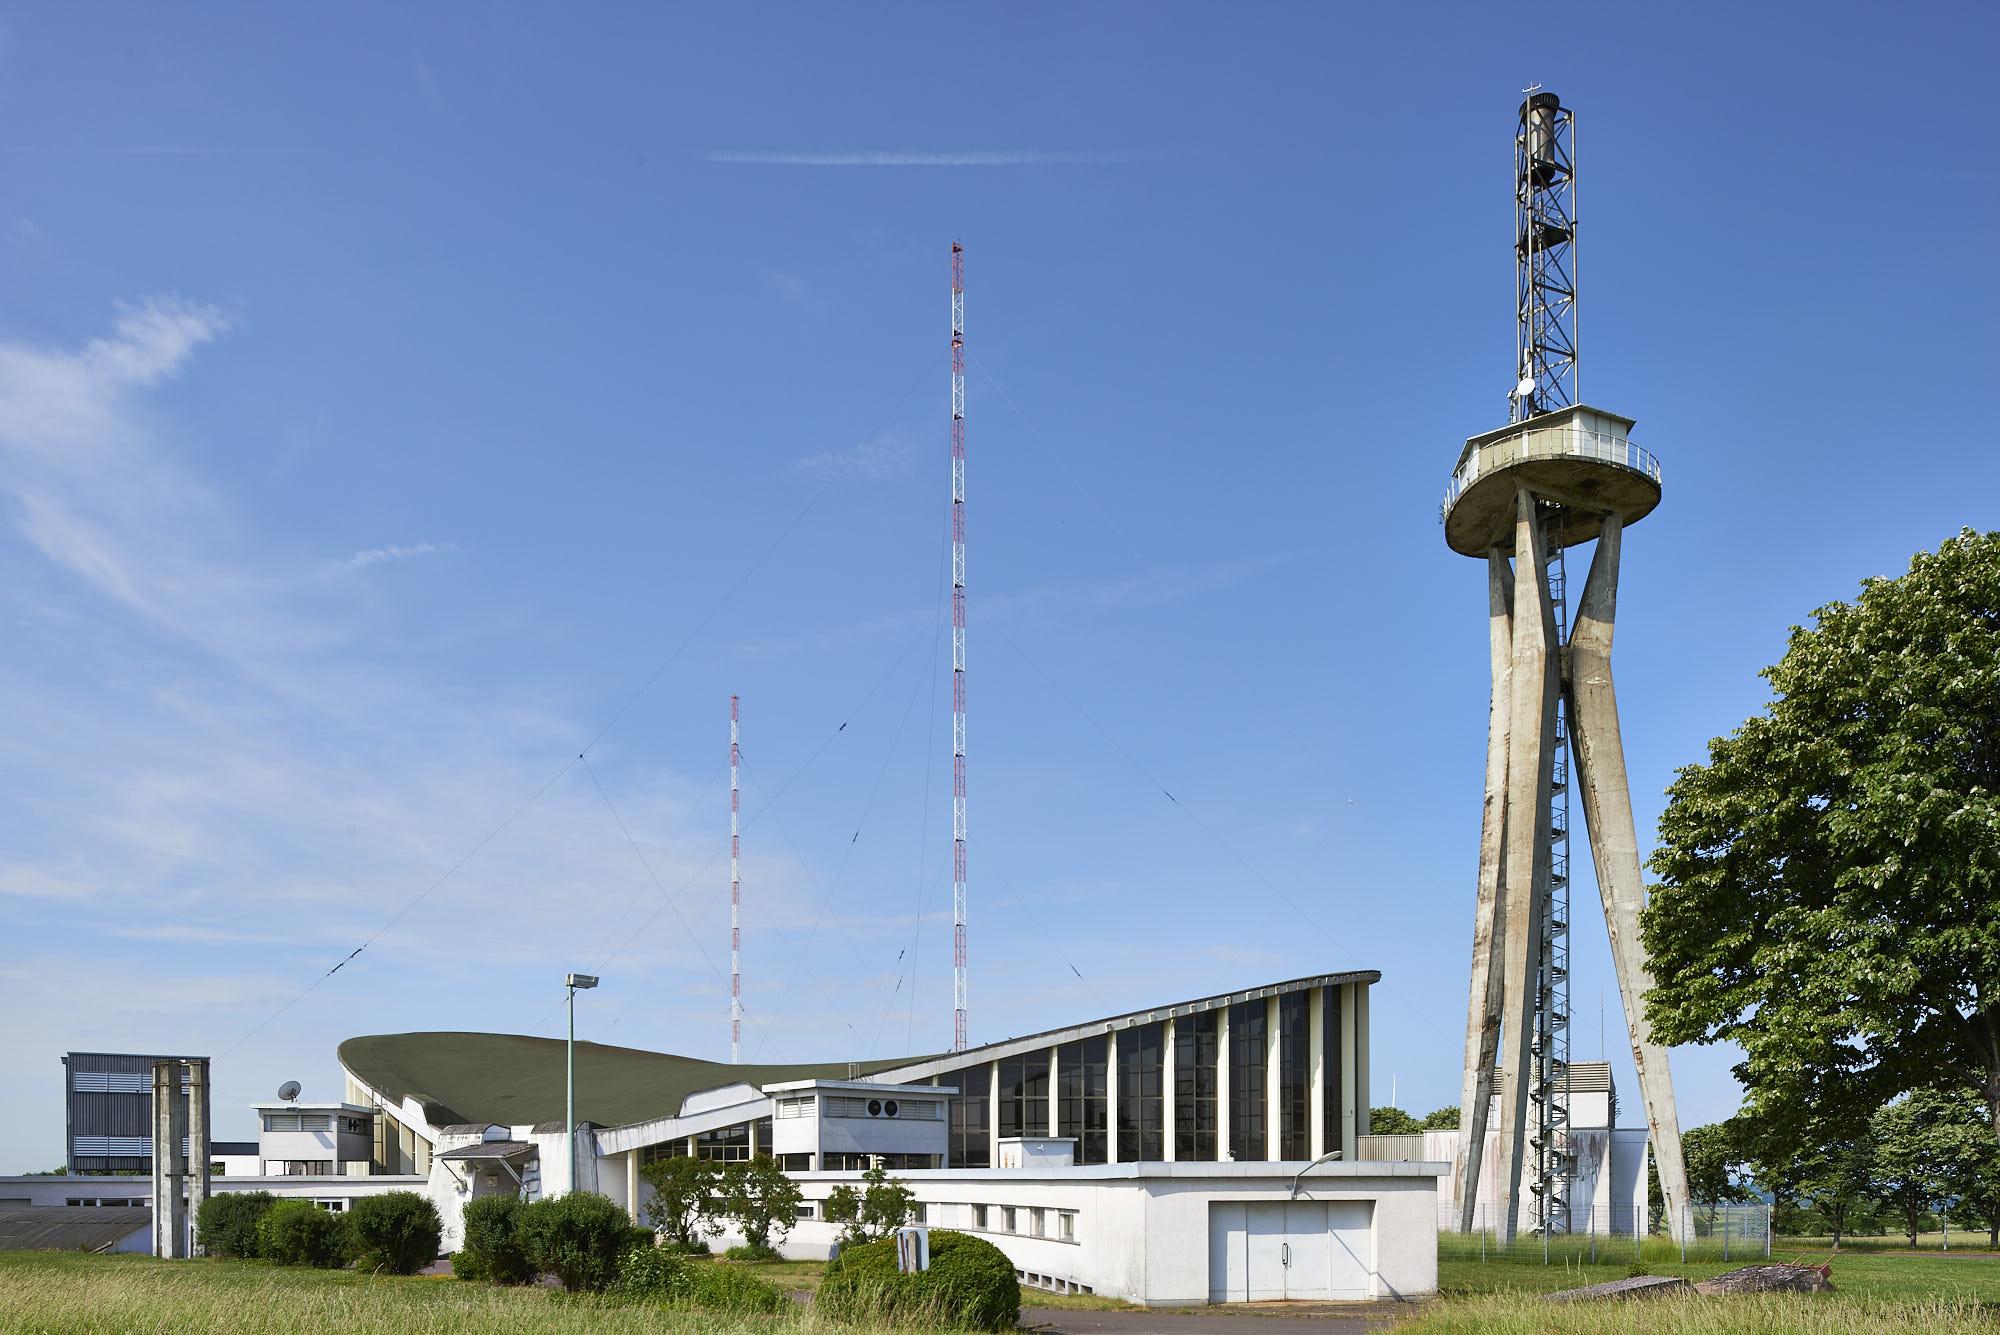 Ansicht des Gebäude-Ensembles mit Sendeturm von Osten © Marco-Kany